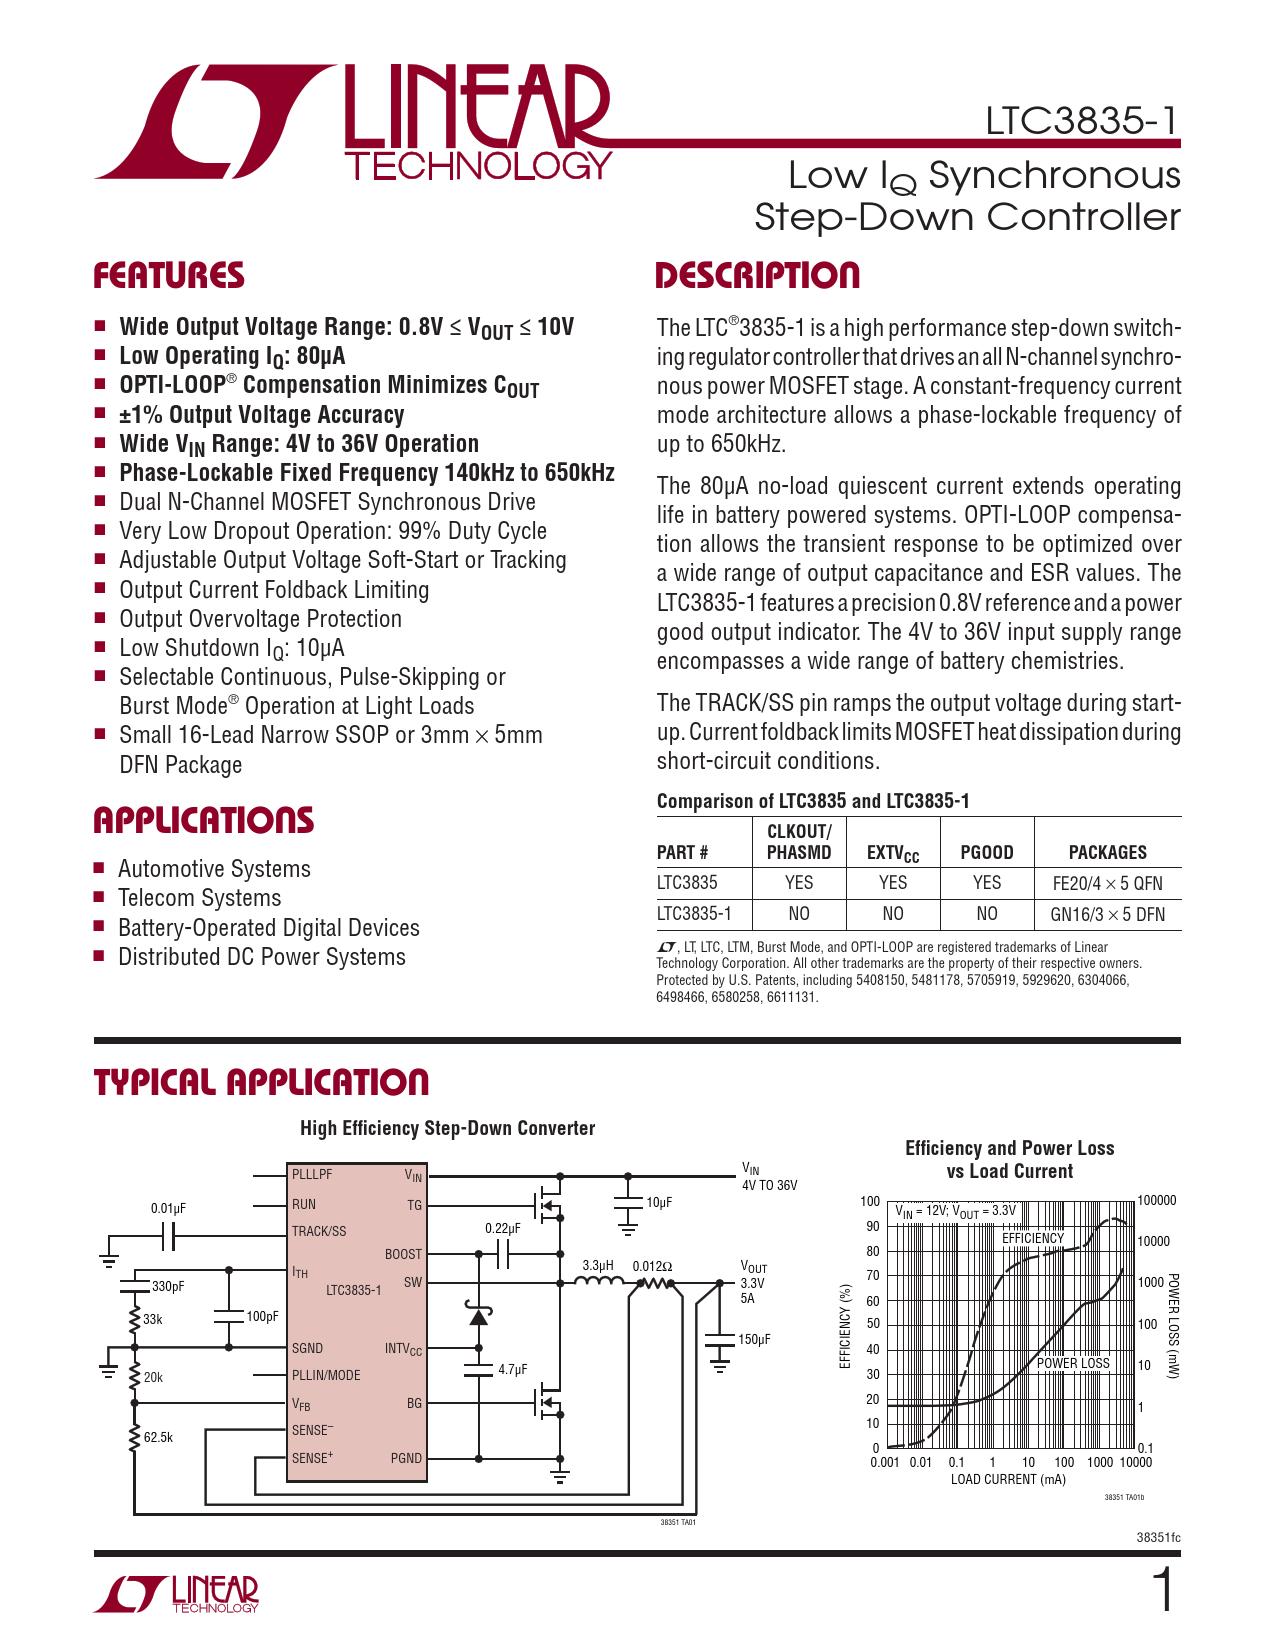 Datasheet LTC3835-1 Analog Devices